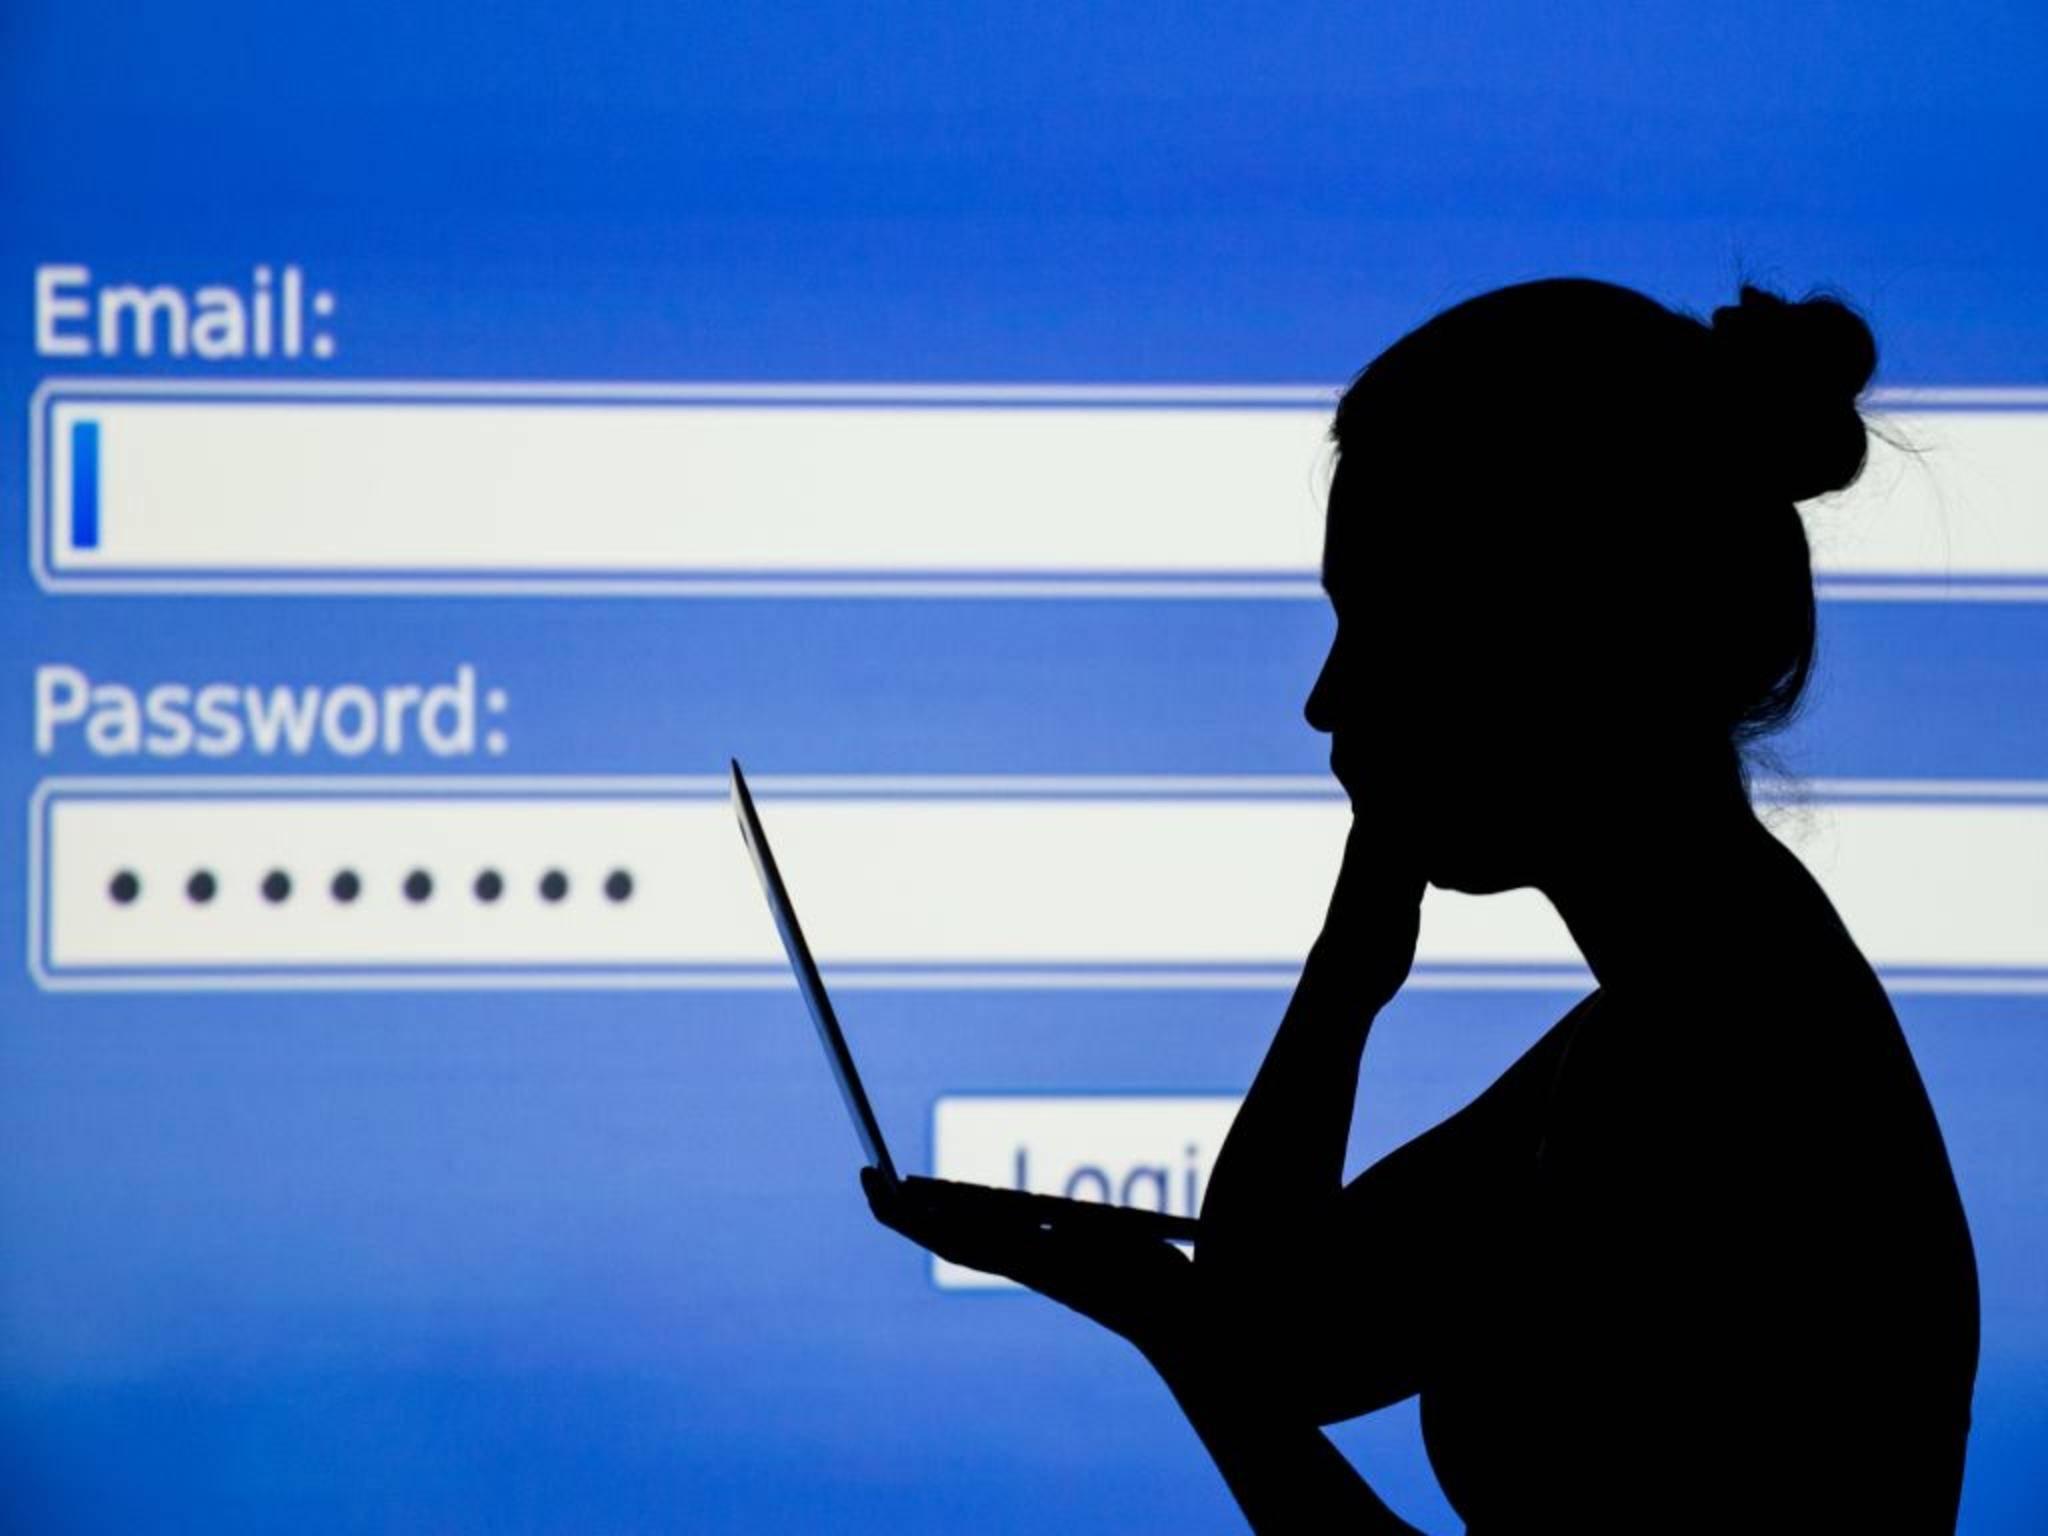 Wer ein schlechtes Passwort wählt, öffnet Hackern quasi freiwillig die Tür.